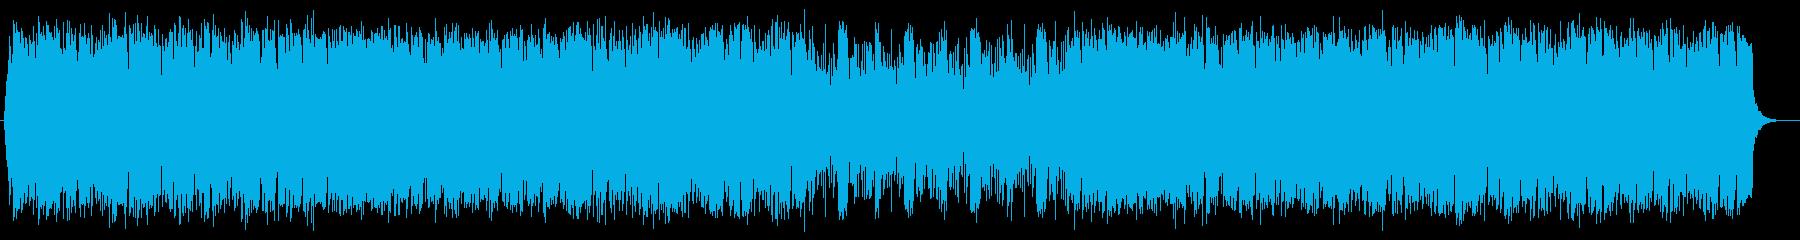 サンバラテンポップスの再生済みの波形